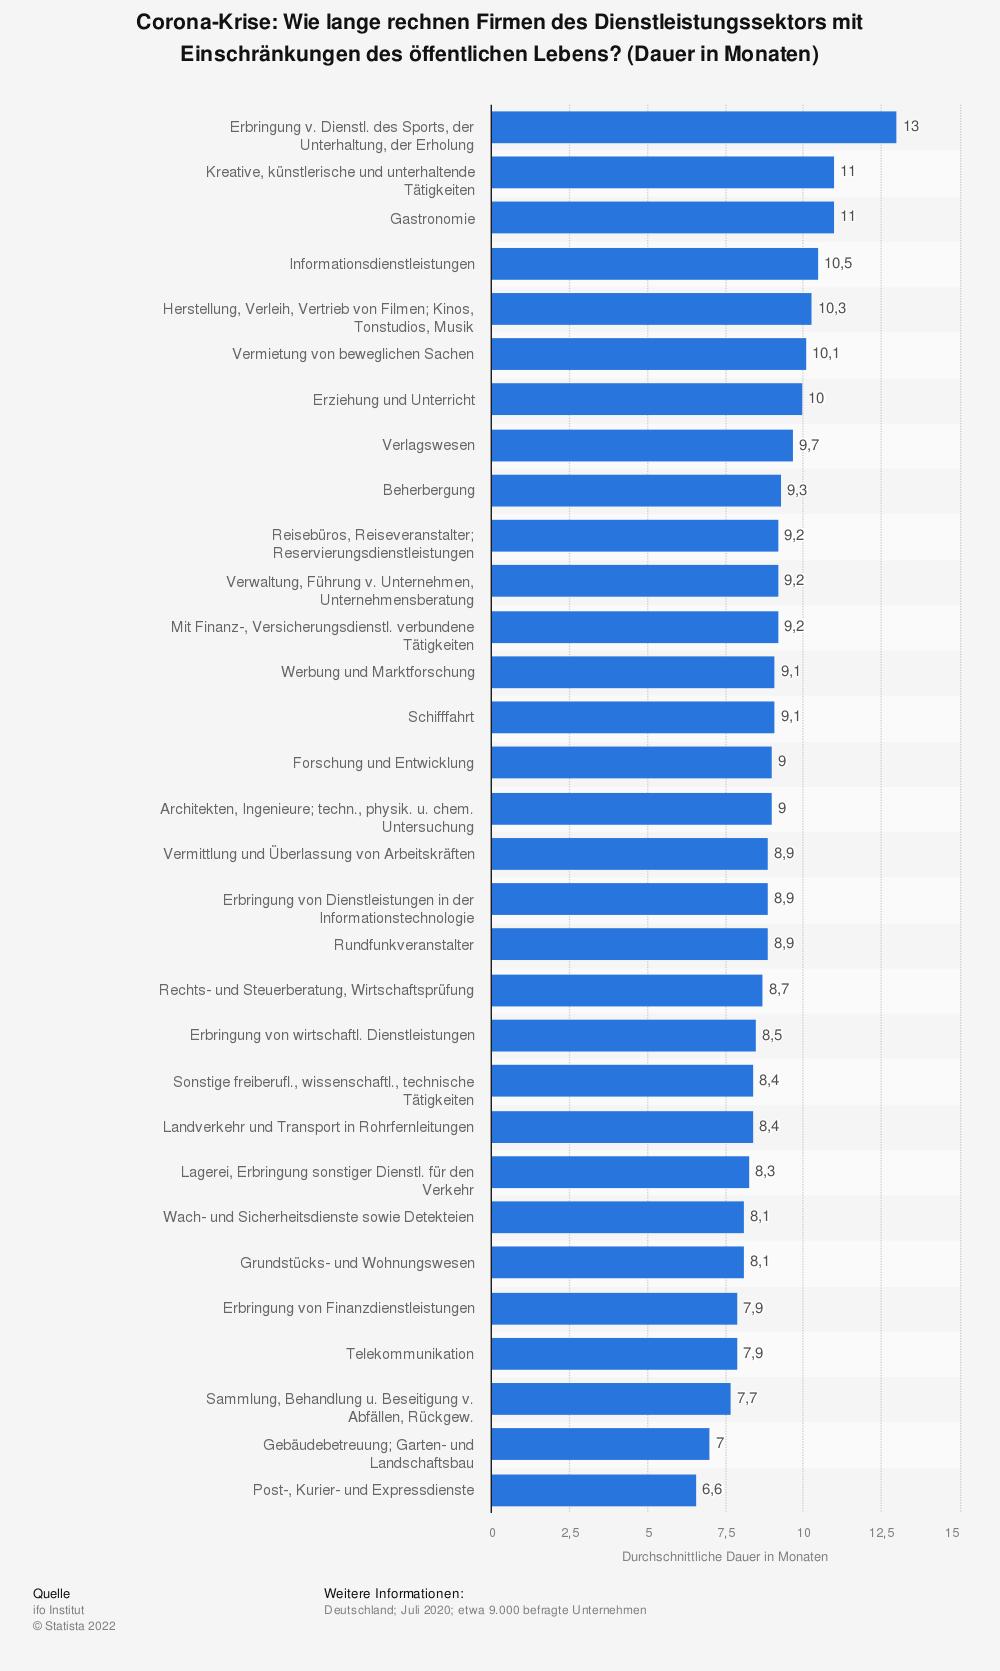 Statistik: Corona-Krise: Wie lange rechnen Firmen des Dienstleistungssektors mit Einschränkungen des öffentlichen Lebens? (Dauer in Monaten) | Statista